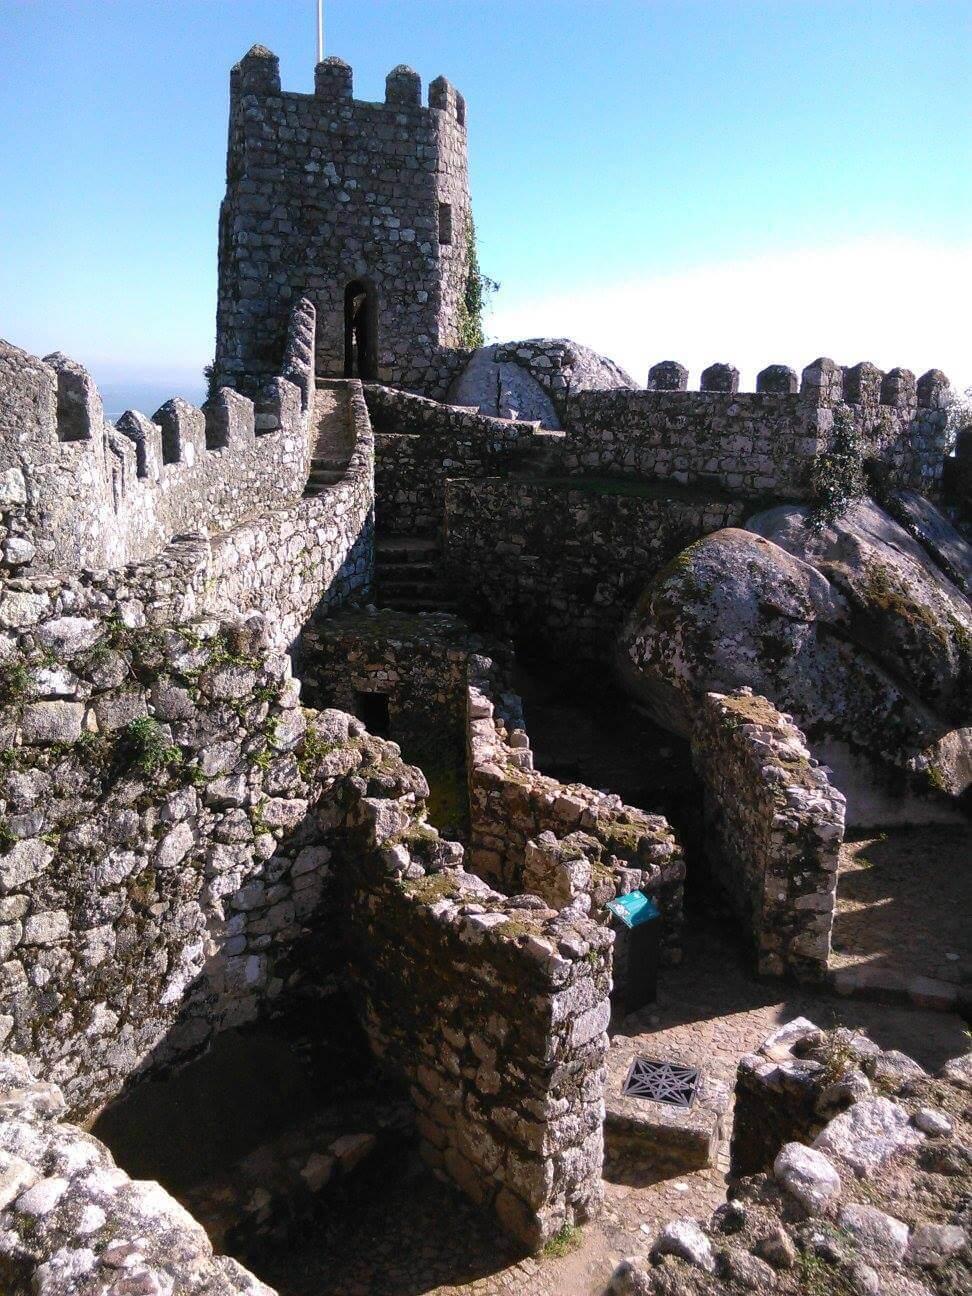 Recorriendo el interior del castillo